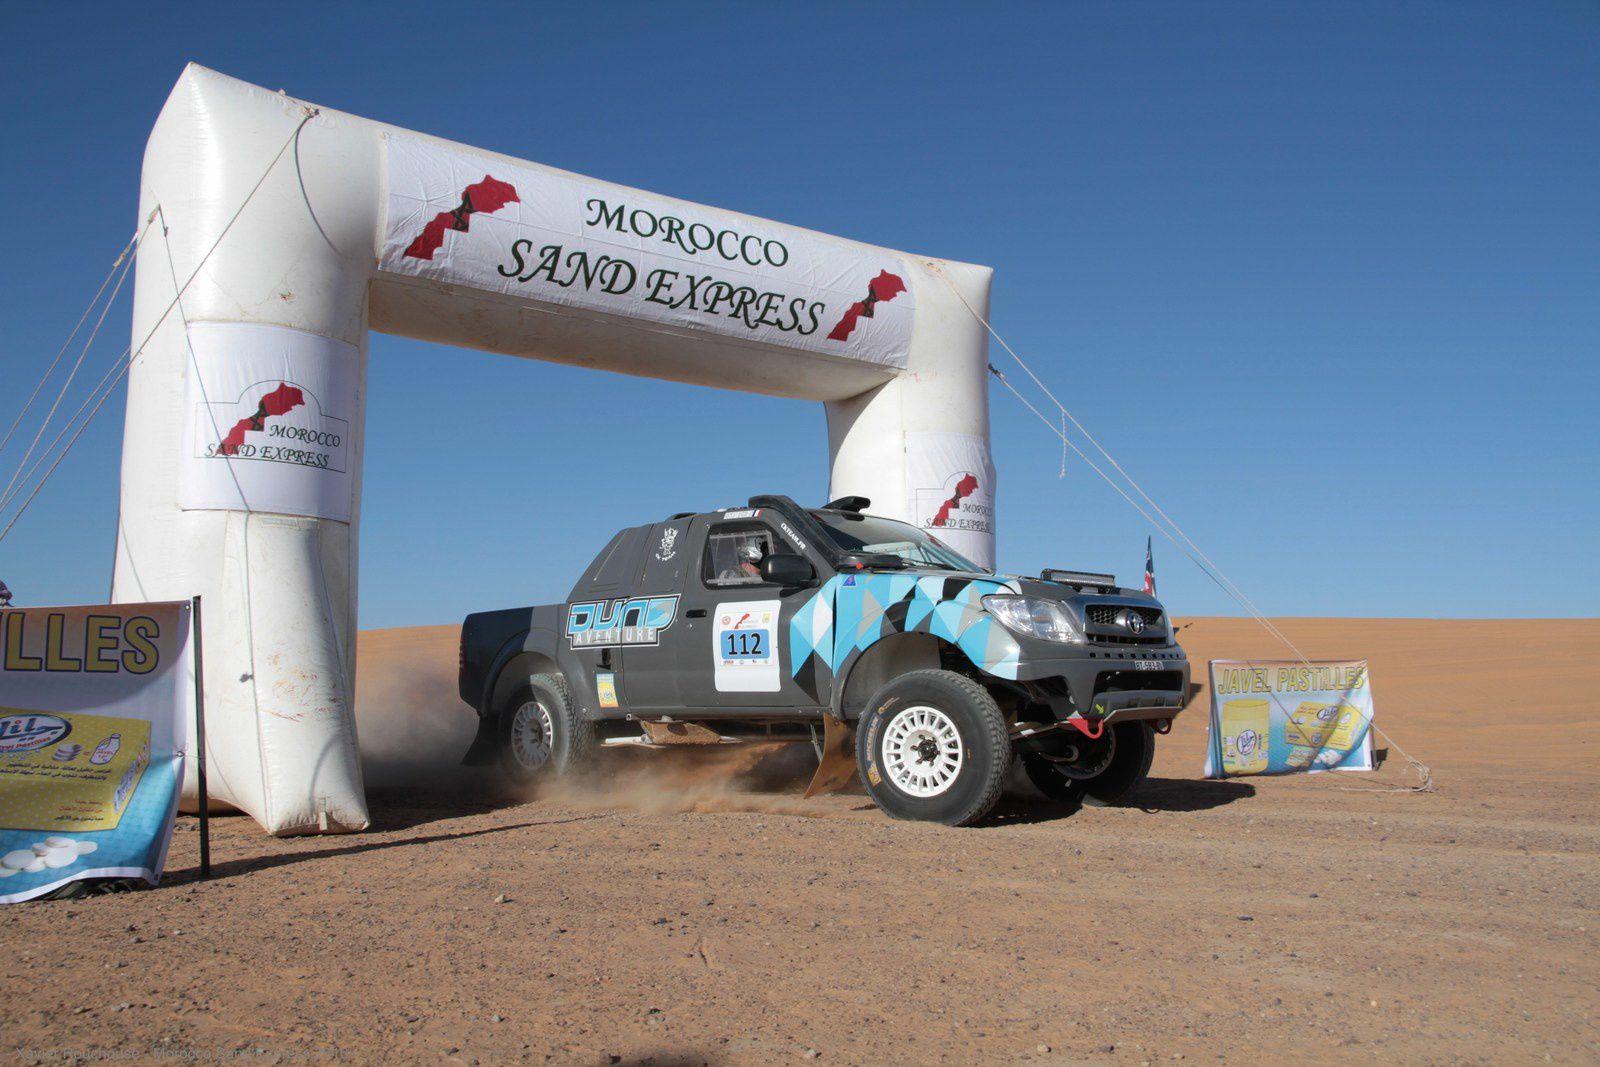 Pour suivre le Morocco Sand Express en direct